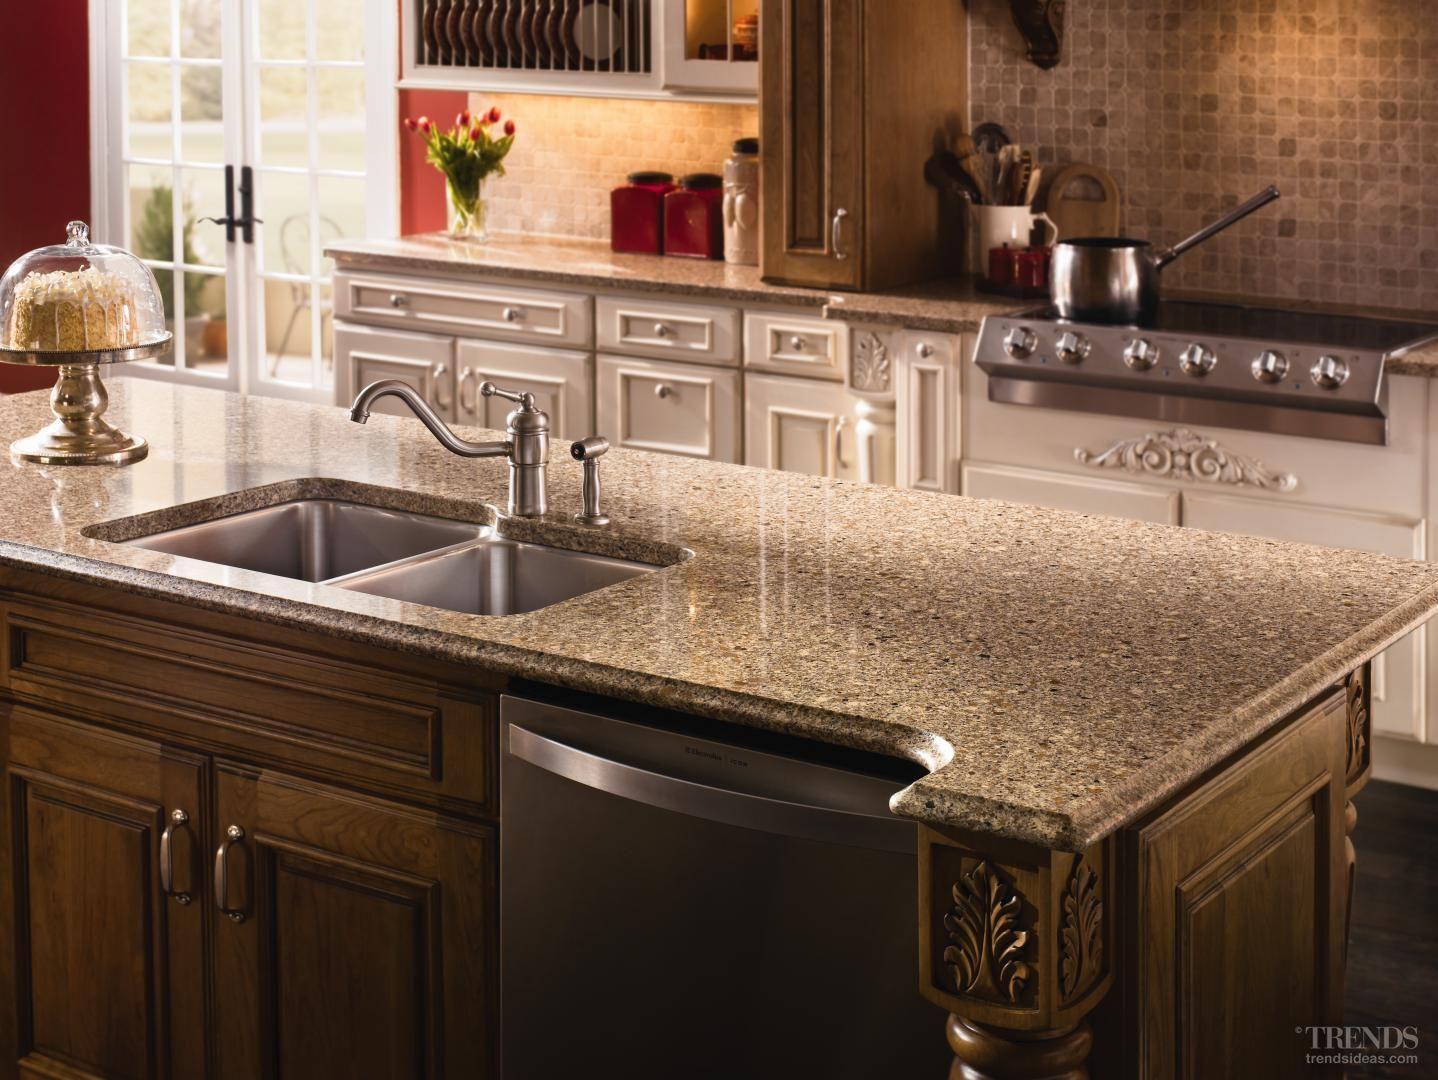 NW Granite Inc has granite marble or quarts countertops